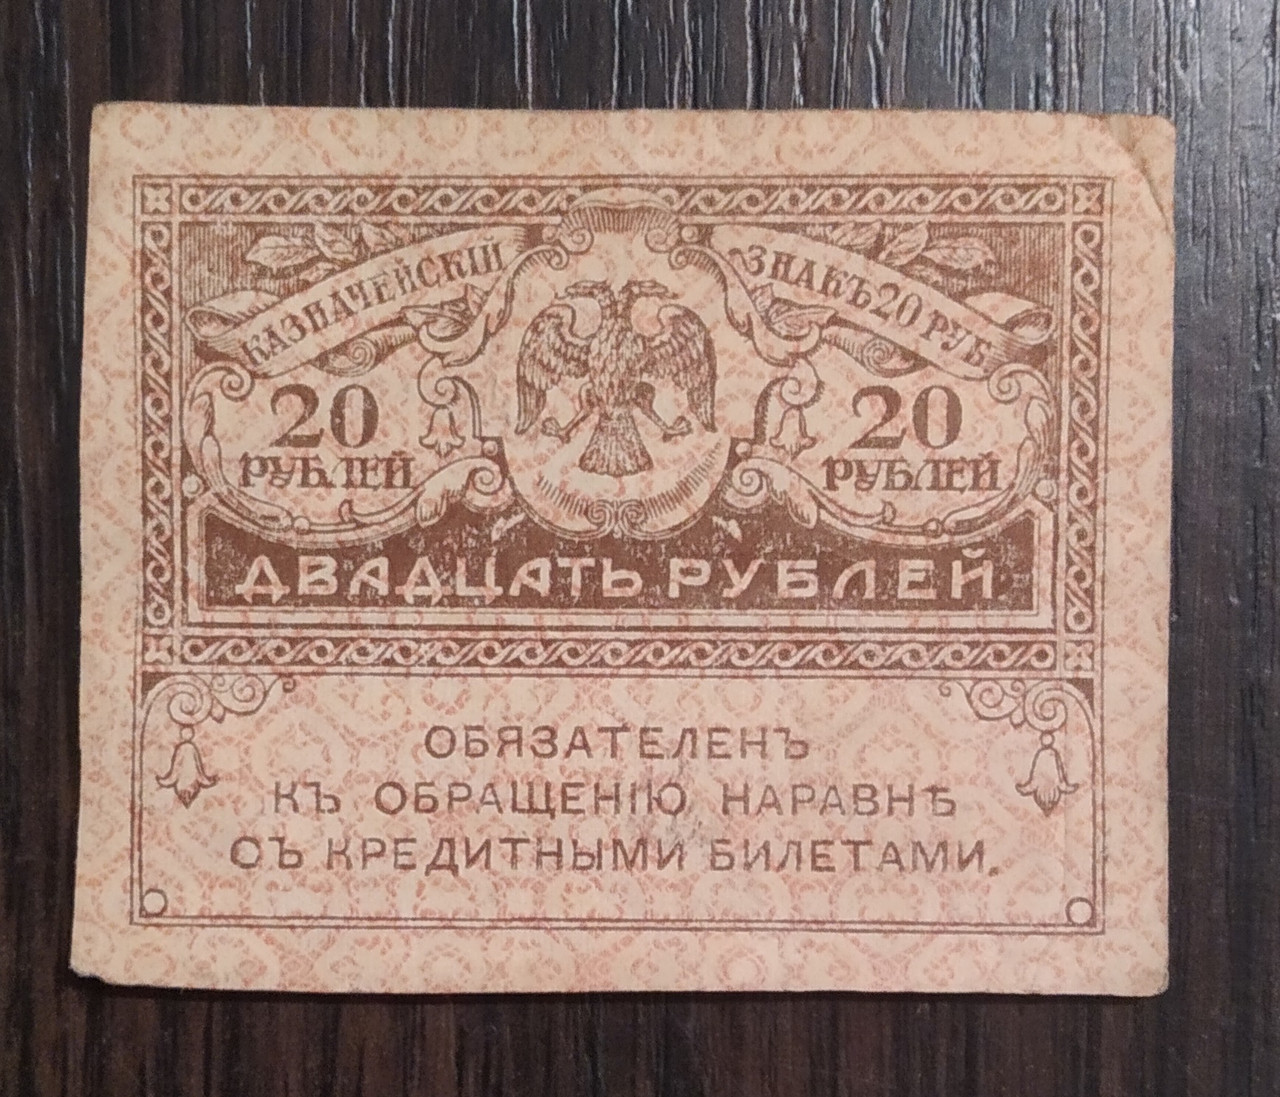 """"""" Керенка"""" 20 рублей образца 1917 года"""